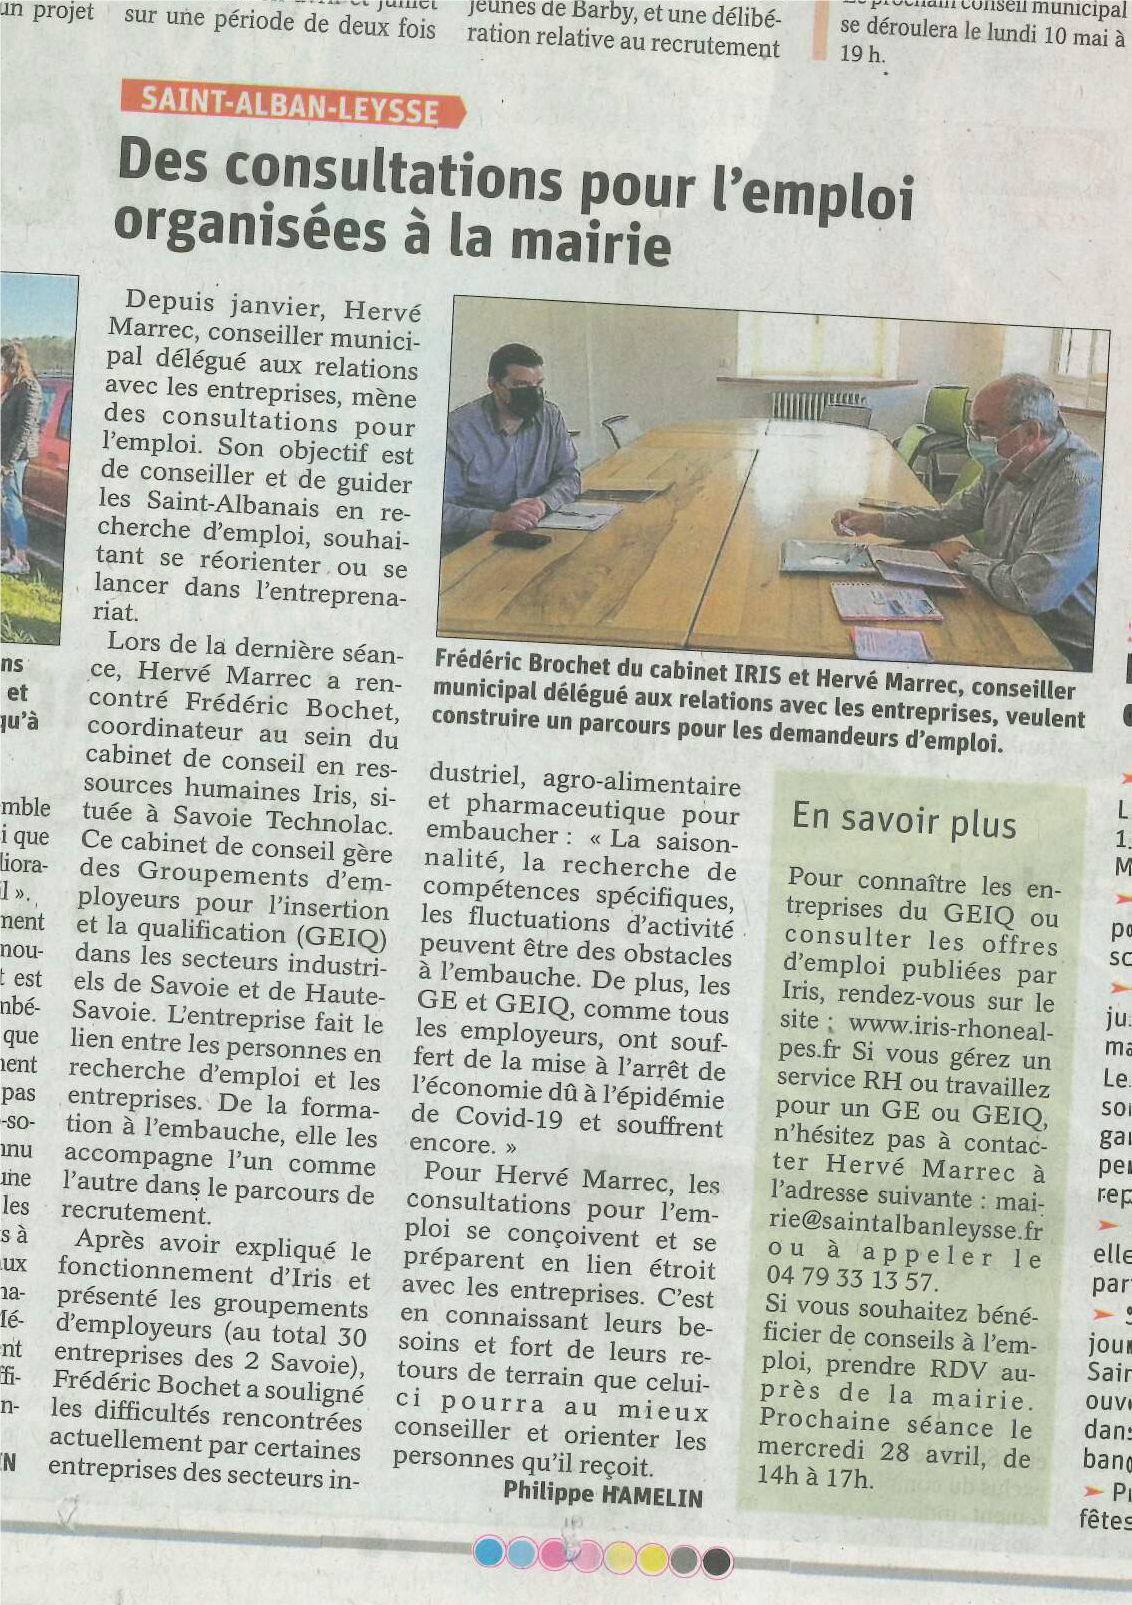 RENCONTRE AVEC LA MAIRIE DE SAINT-ALBAN-LEYSSE